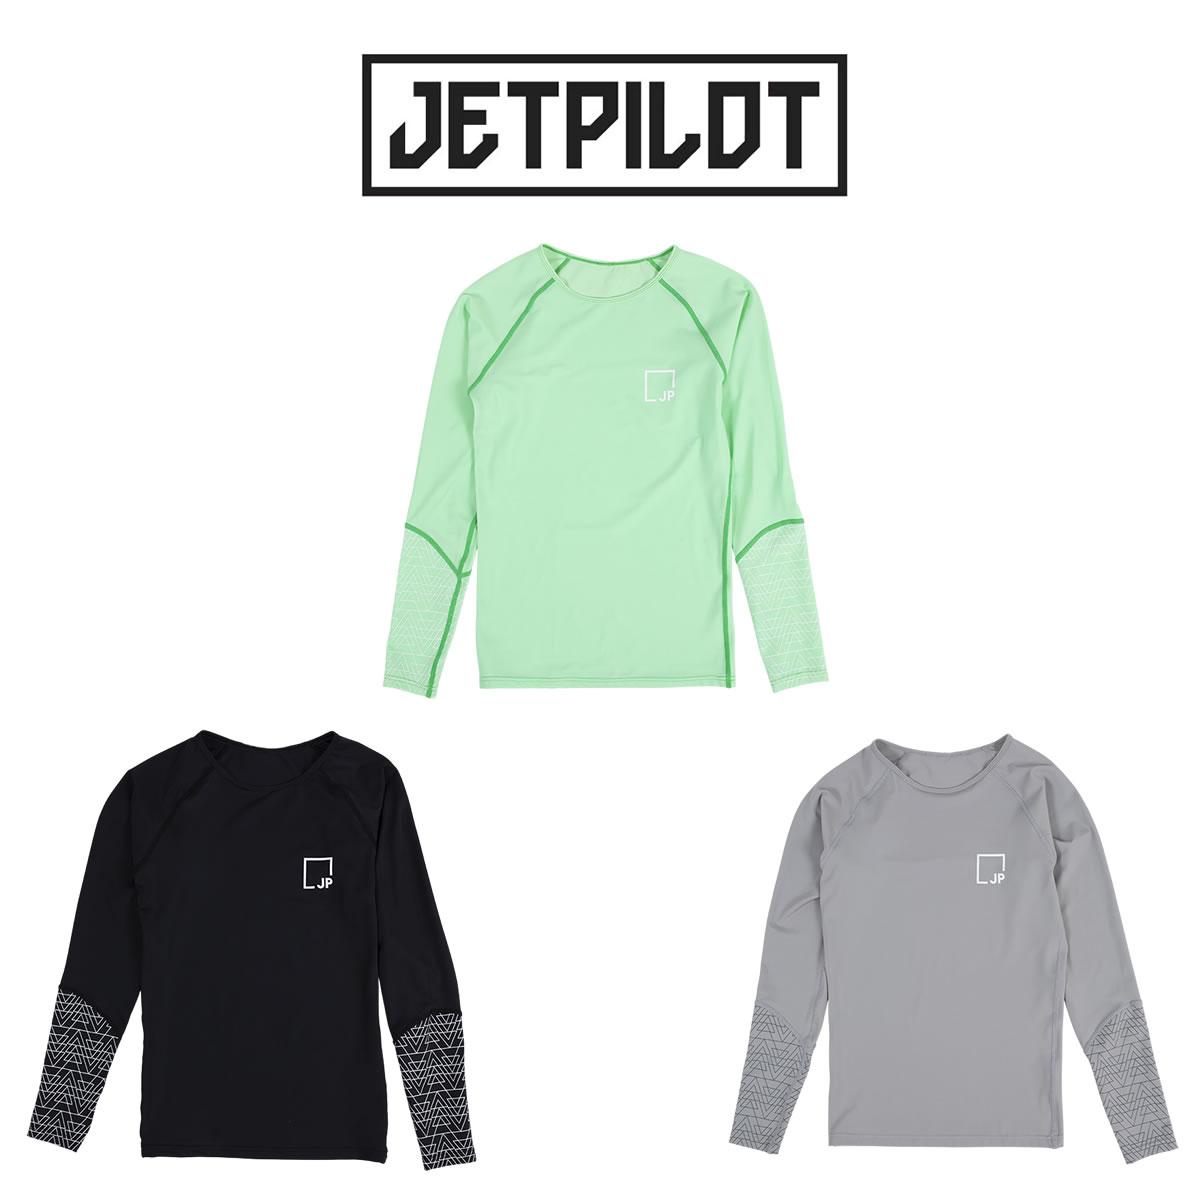 JETPILOT(ジェットパイロット) レディースラッシュ ペーサー L/S ラッシュ (S21515) レターパックライト対応